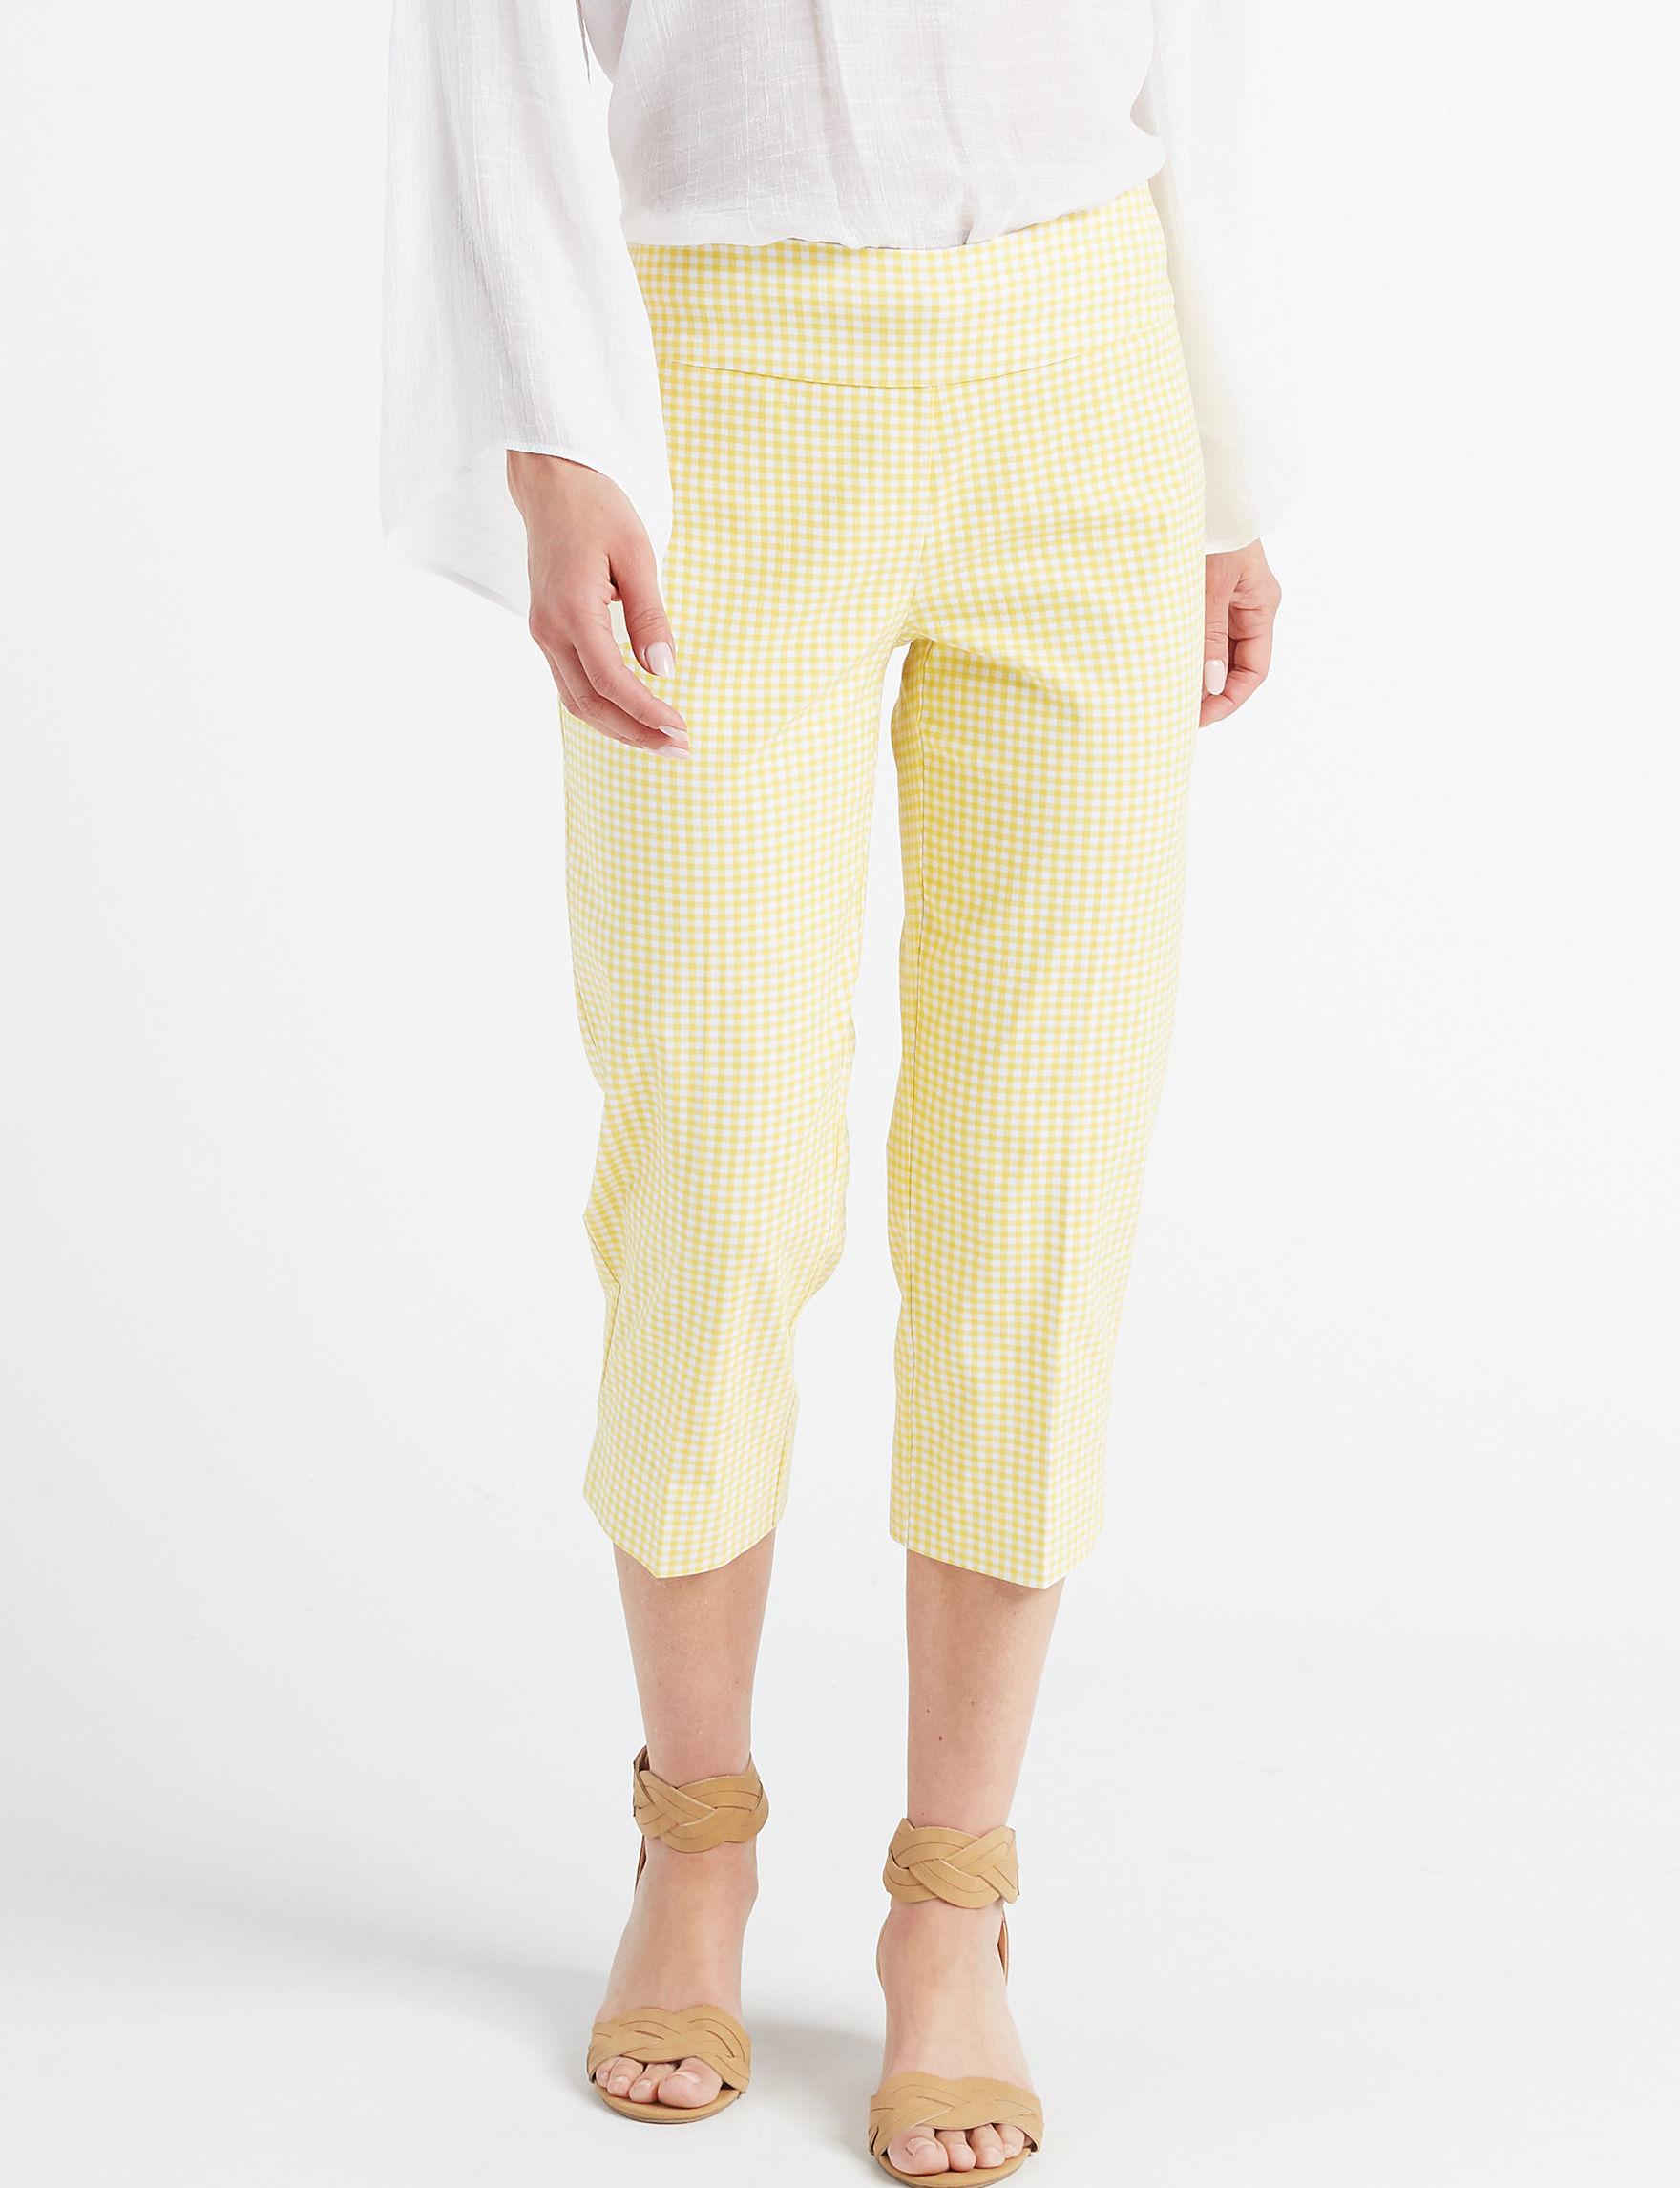 Rebecca Malone Yellow / White Capris & Crops